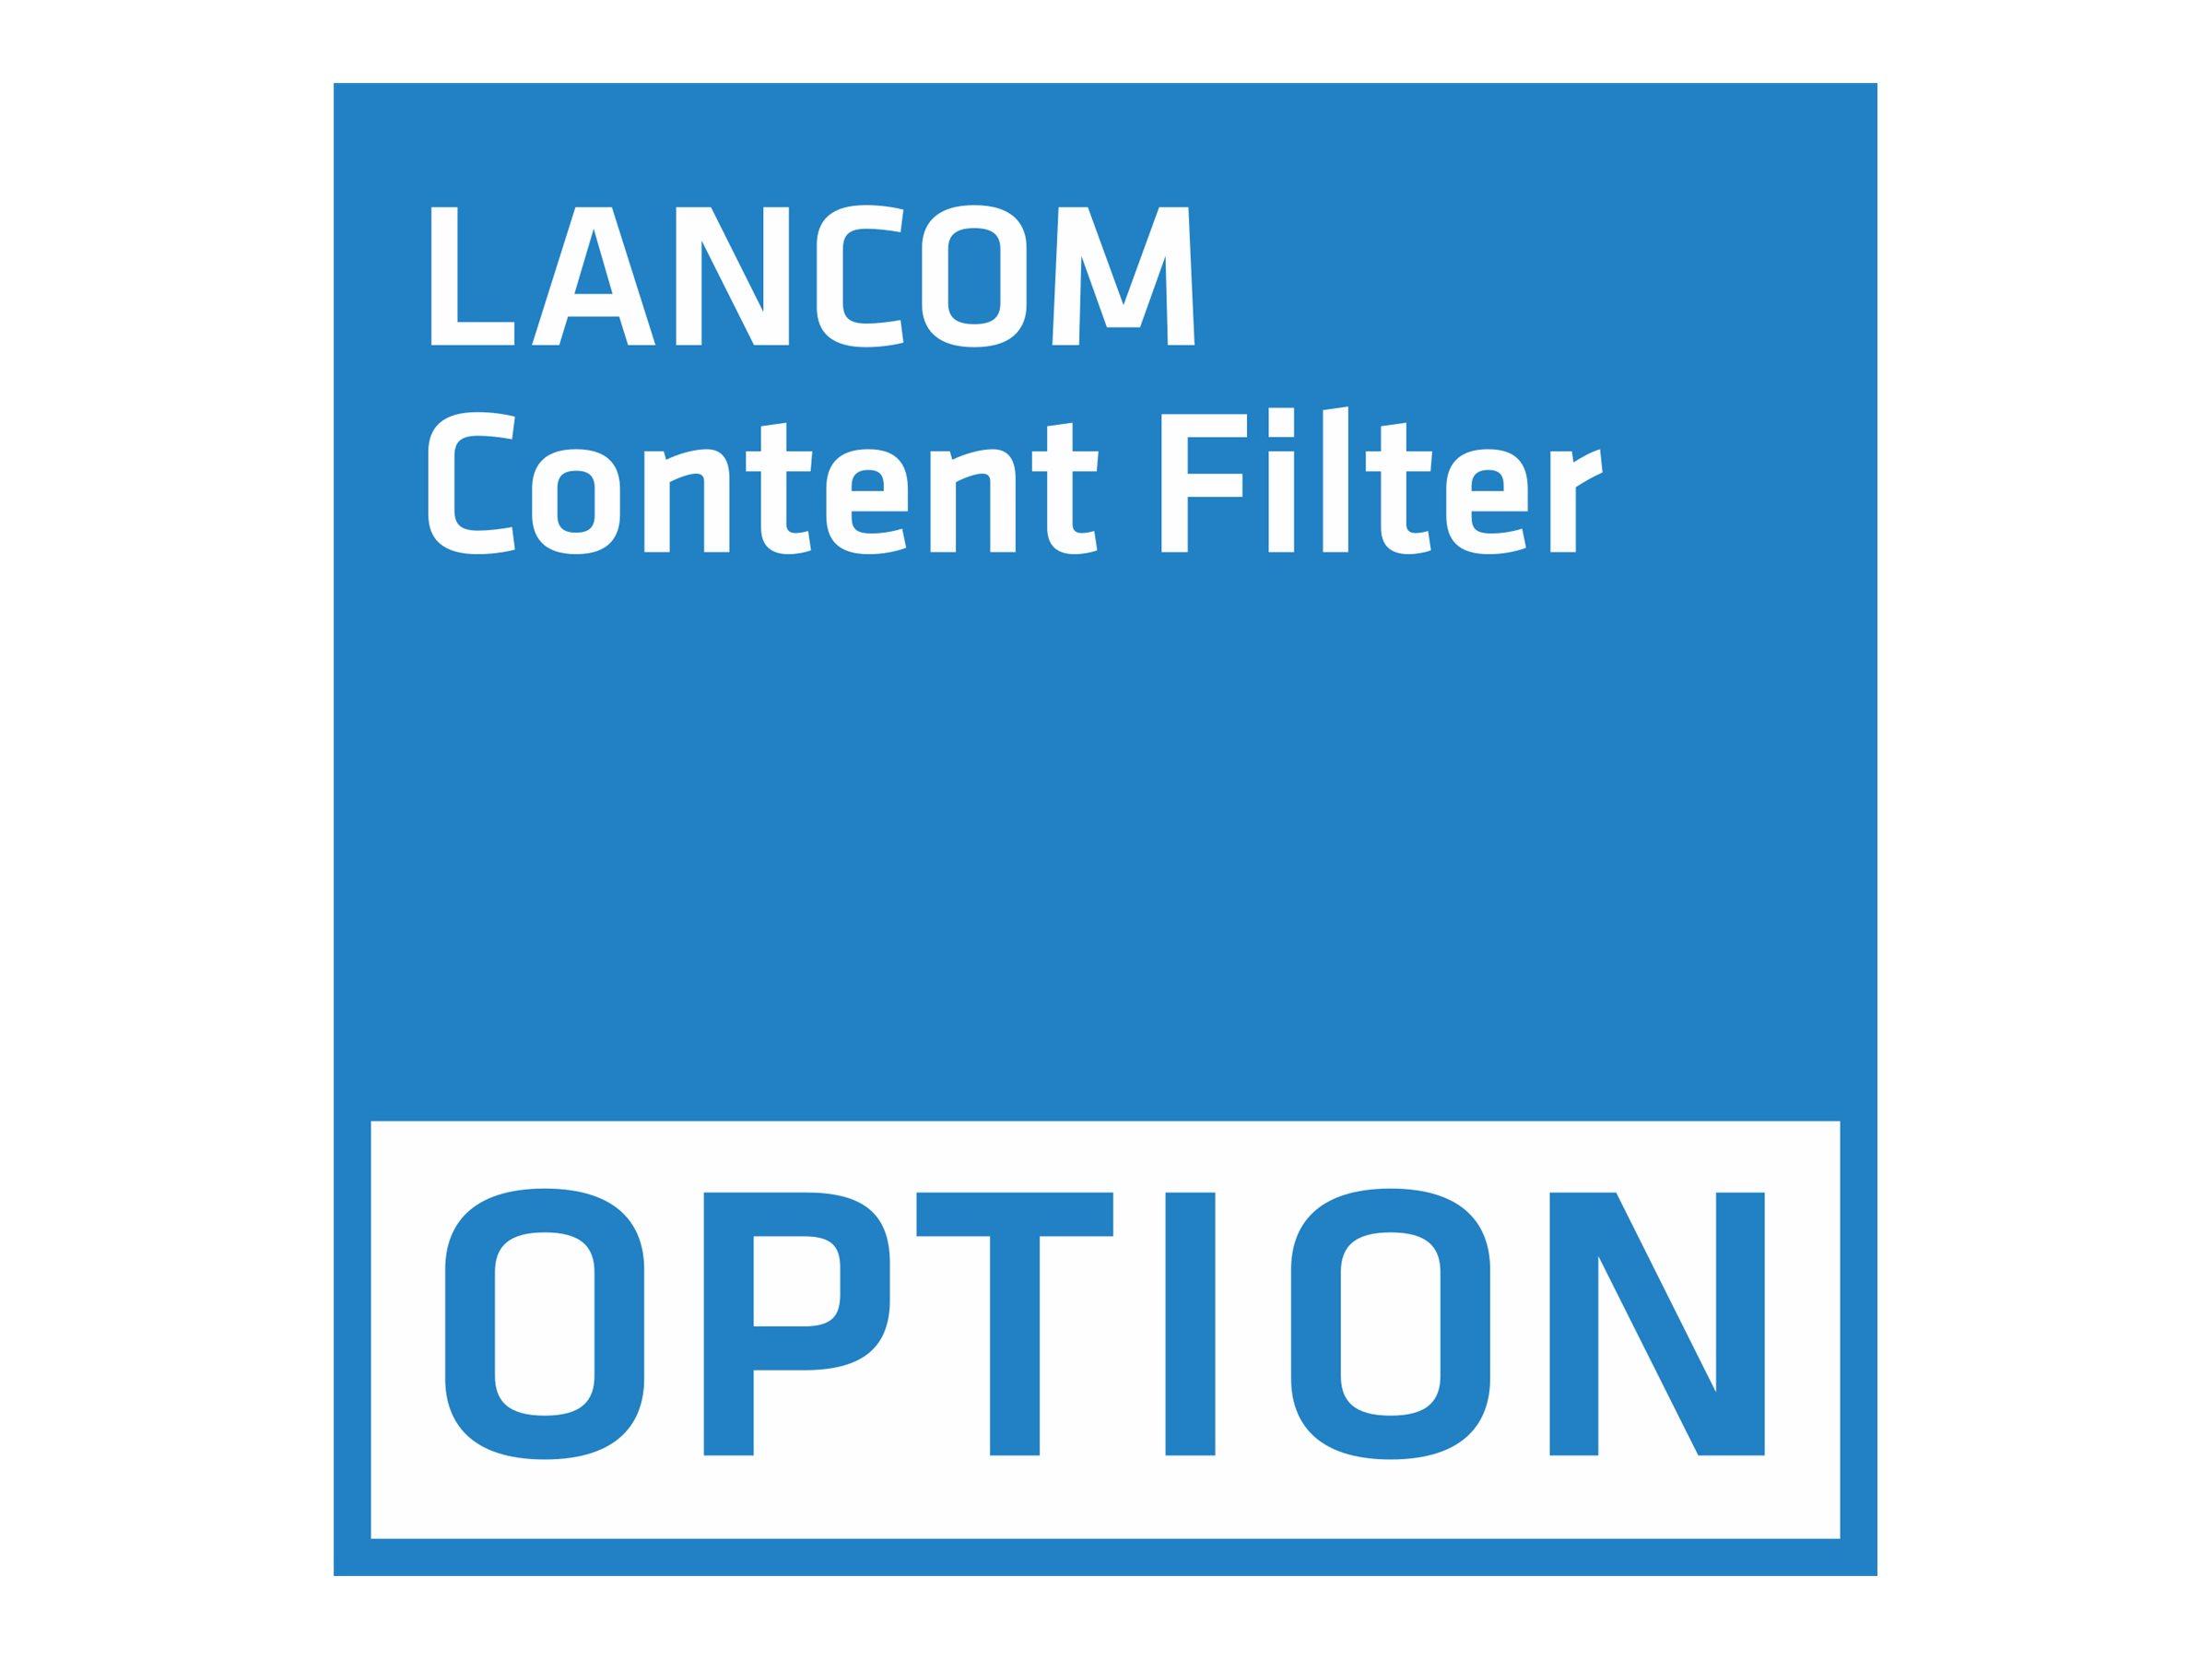 Vorschau: Lancom Content Filter - Abonnement-Lizenz (1 Jahr)